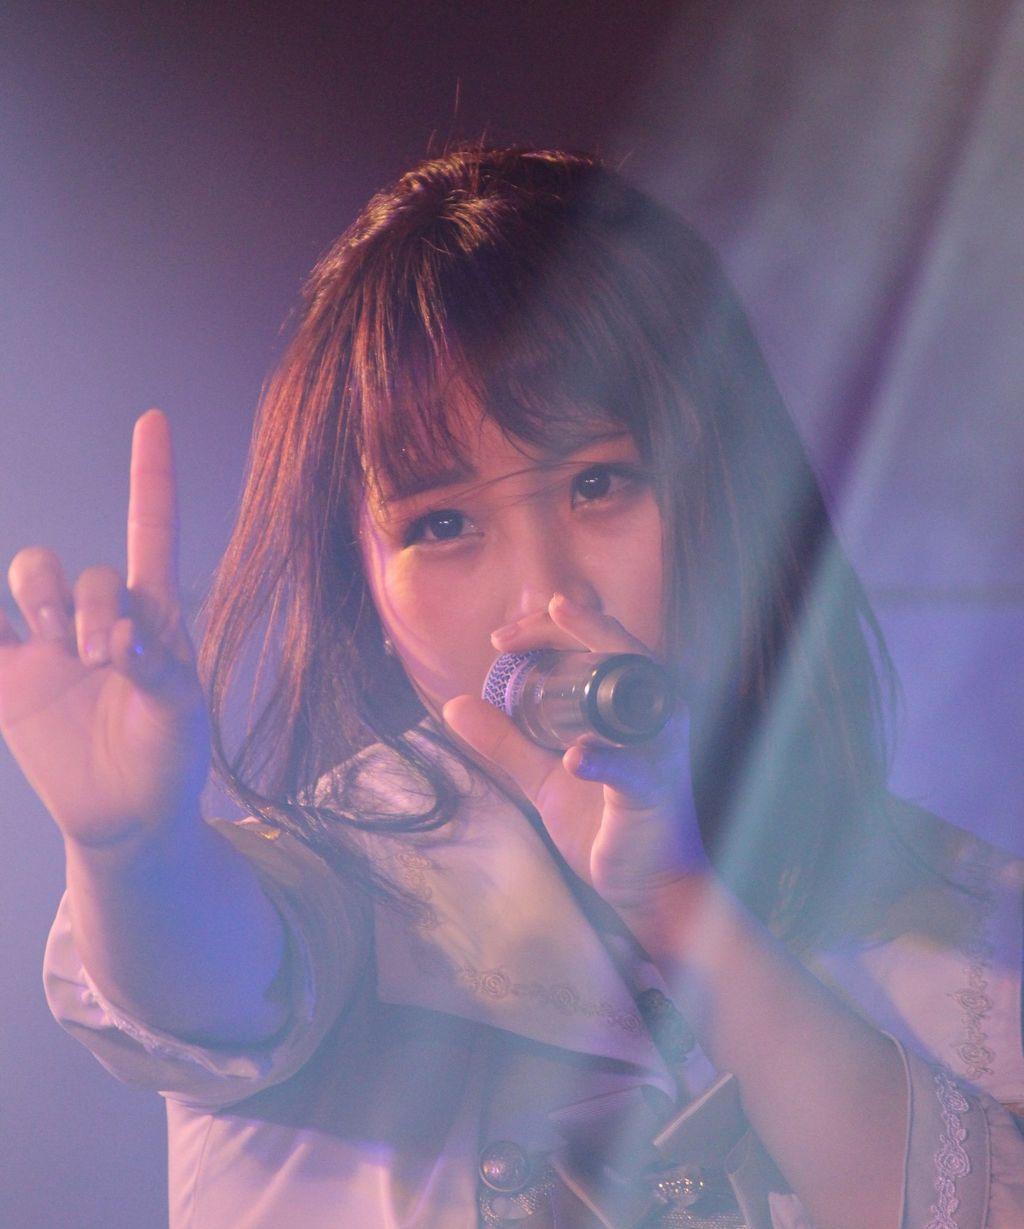 元HKT48、10COLOR'S、GALETTeの古森結衣さん転校少女歌撃団に入団